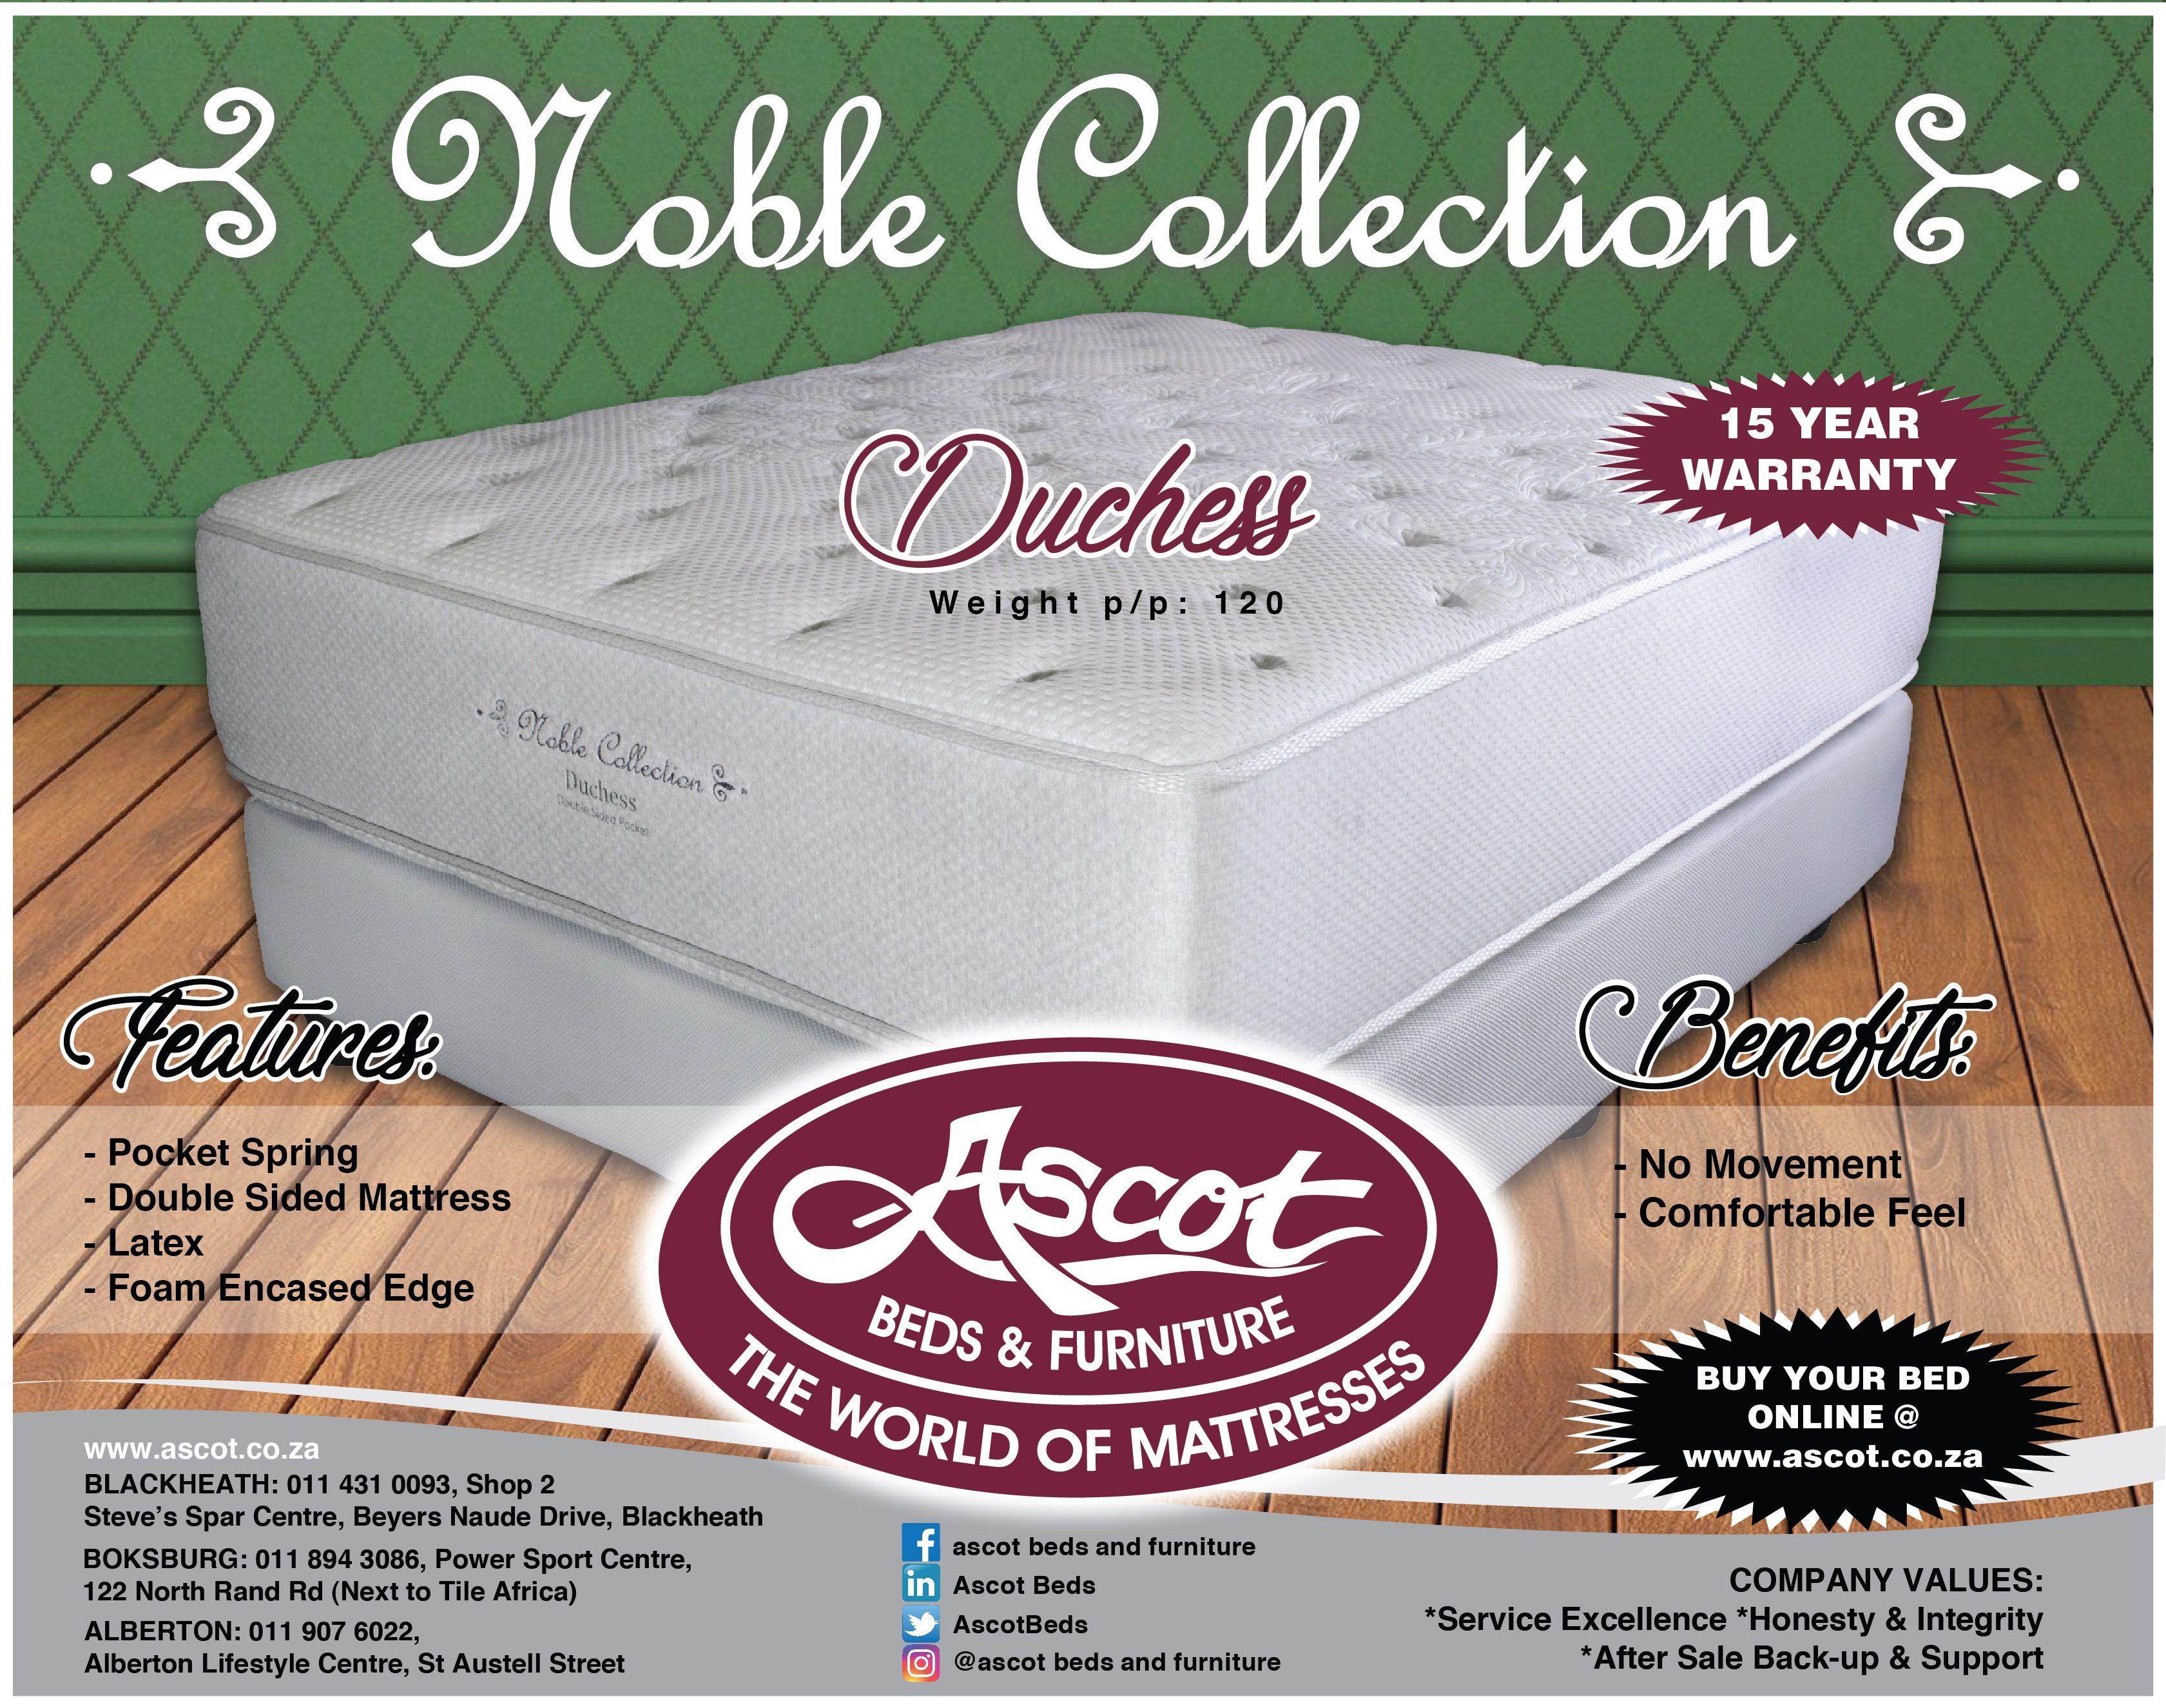 Meet The Noble Collection Duchess Mattress Buying Mattress Mattress Box Springs